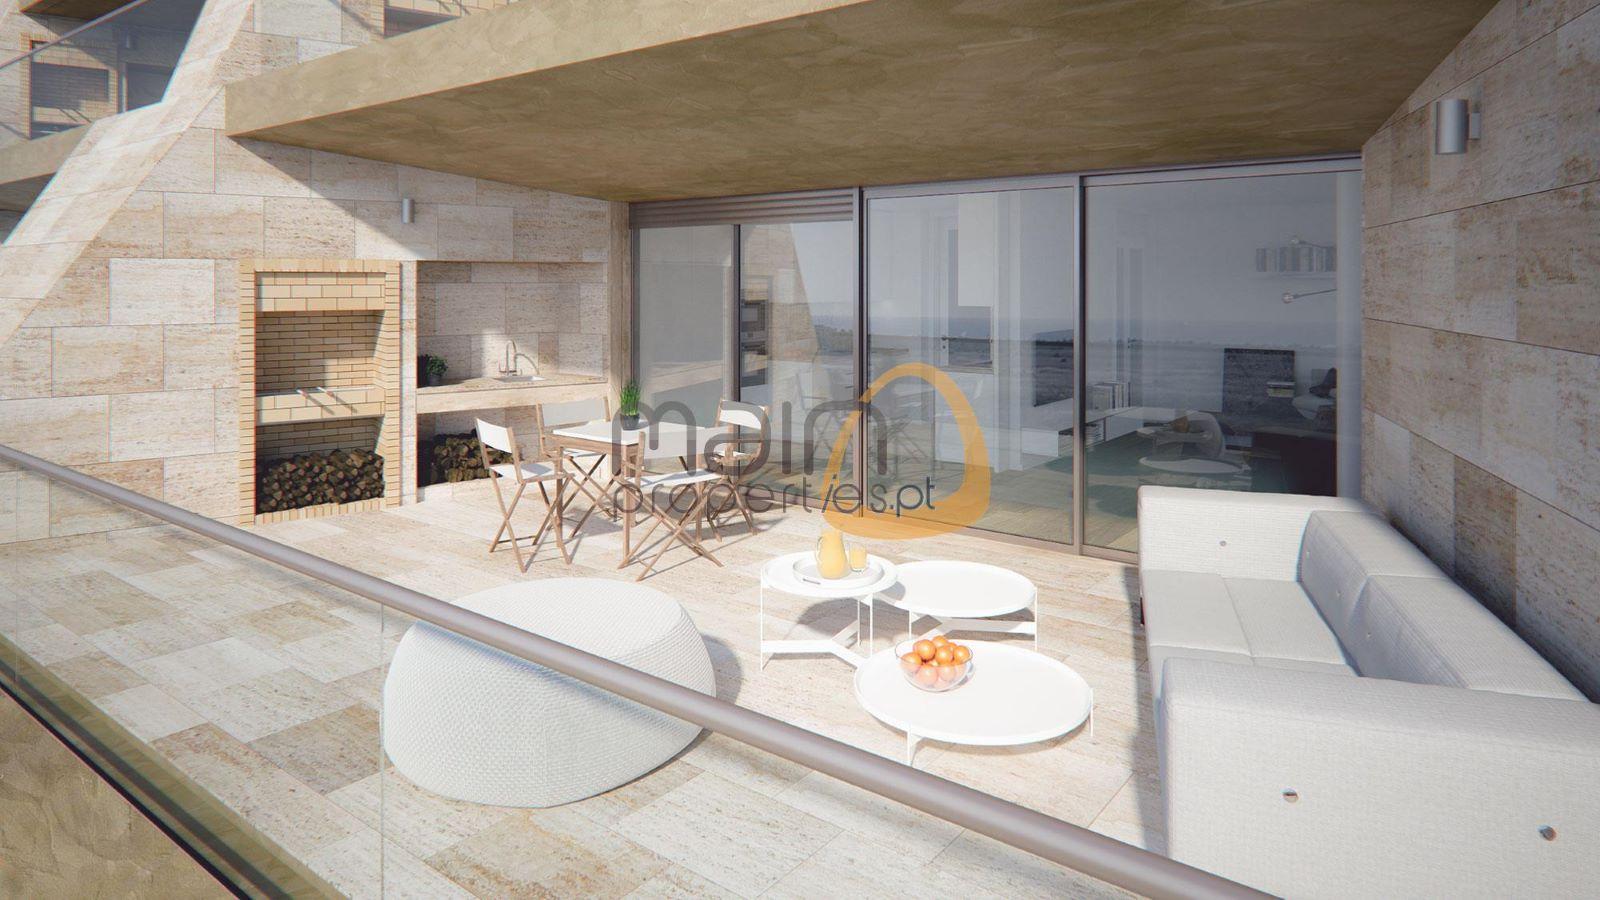 Apartamento com 2 quartos de luxo em construção em Vilamoura